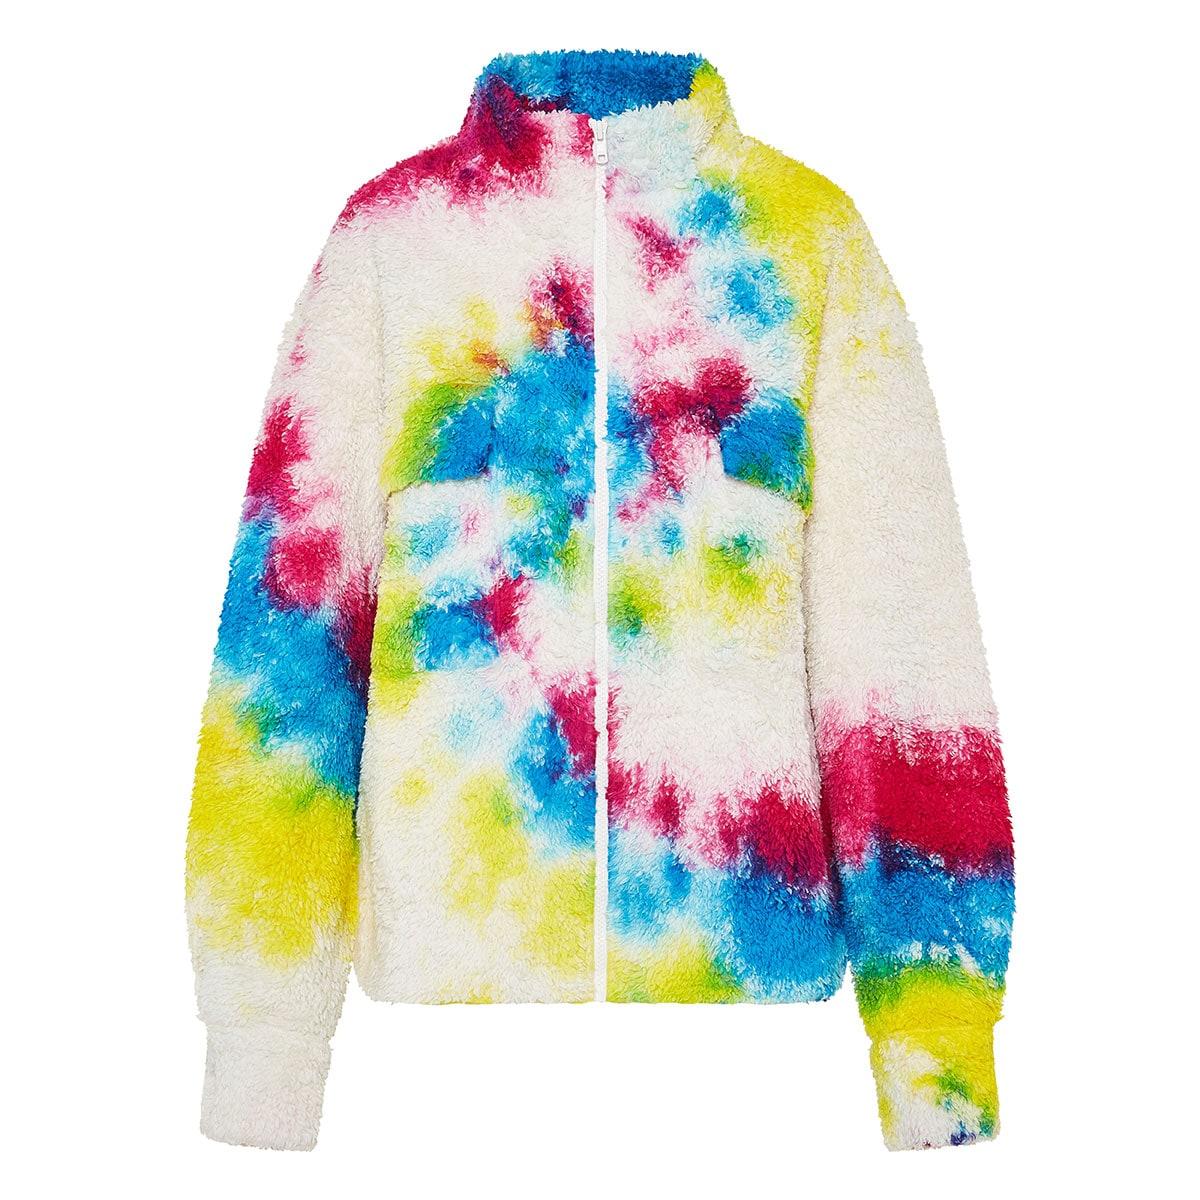 Tie-dye oversized teddy jacket